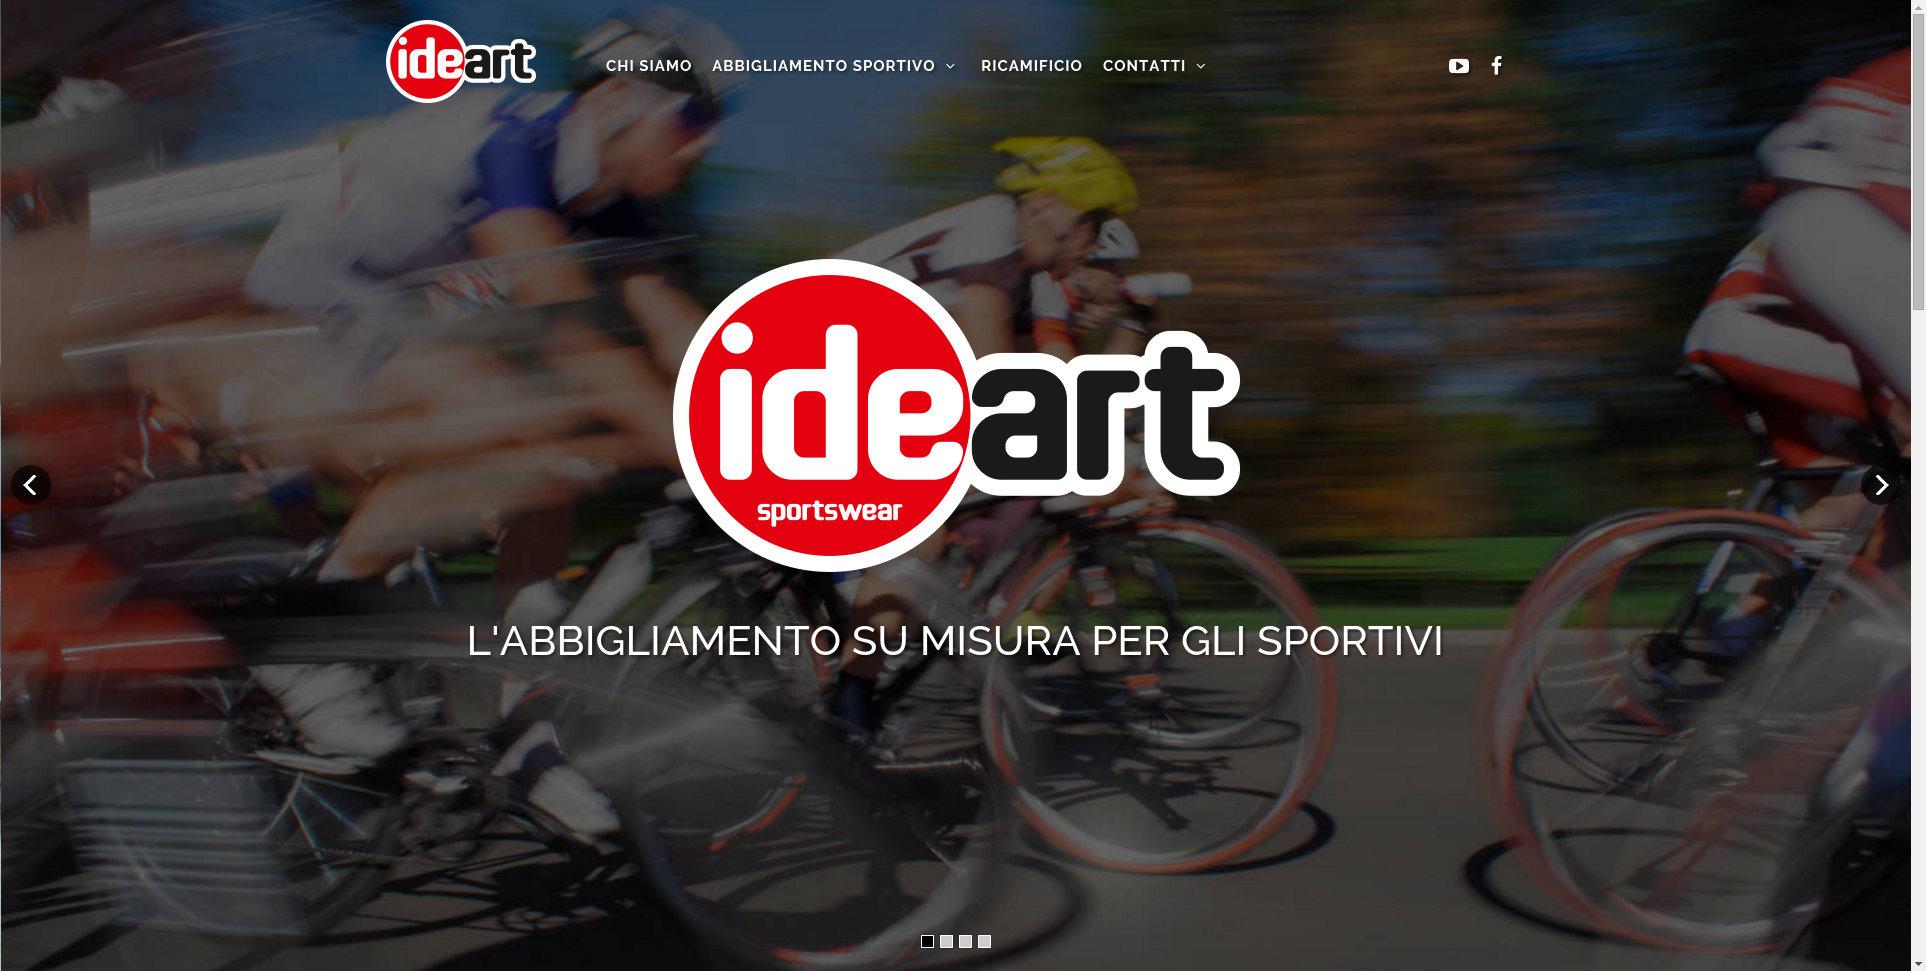 Sito Drupal, SEO e responsive - azienda Forlì